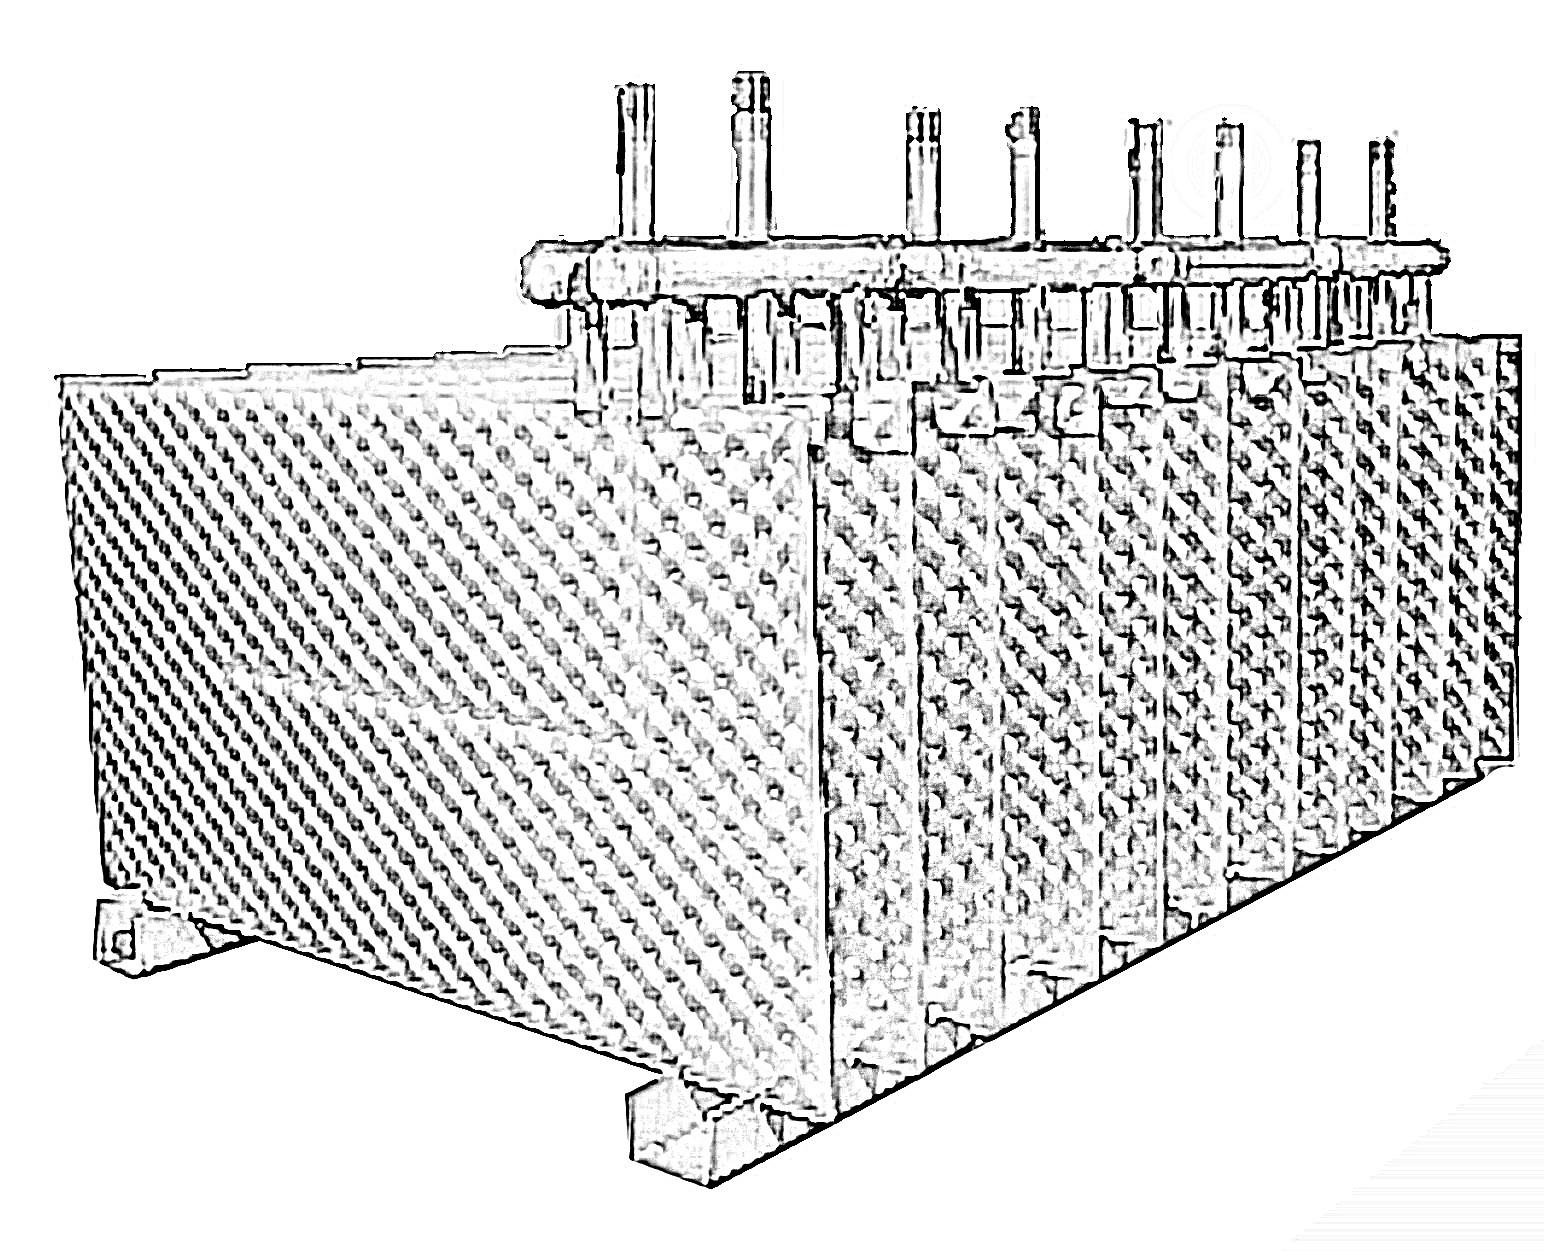 Heatex Coil